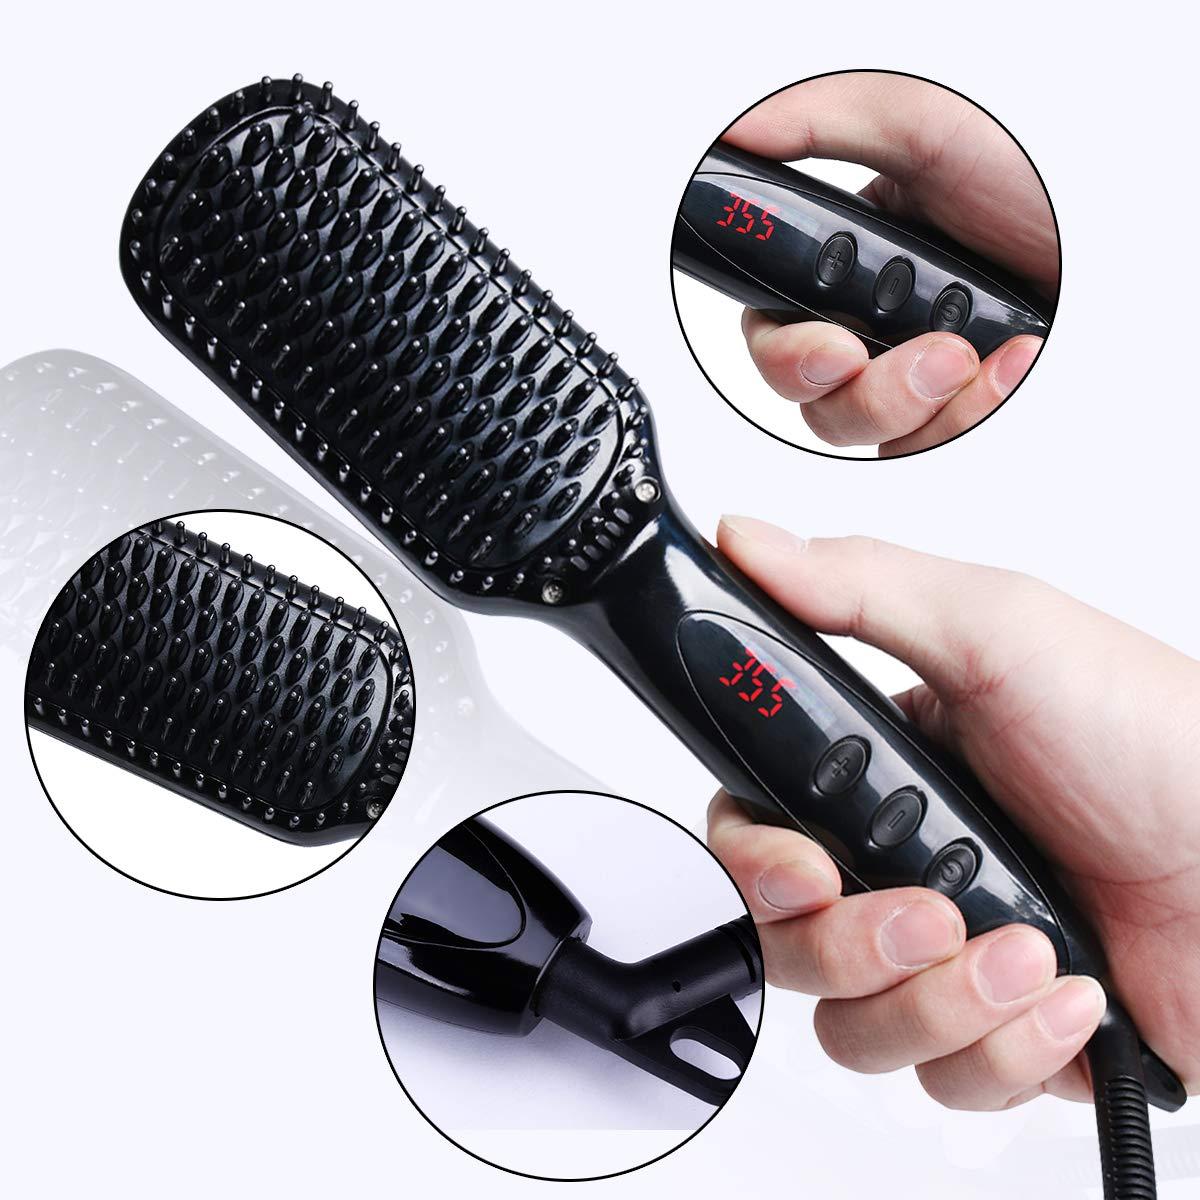 Feeke Hair Straightener Brush, Ionic Beard Straightener, Anti-scald, Auto Temperature Lock, Heat Brush Comb for Woman & Men